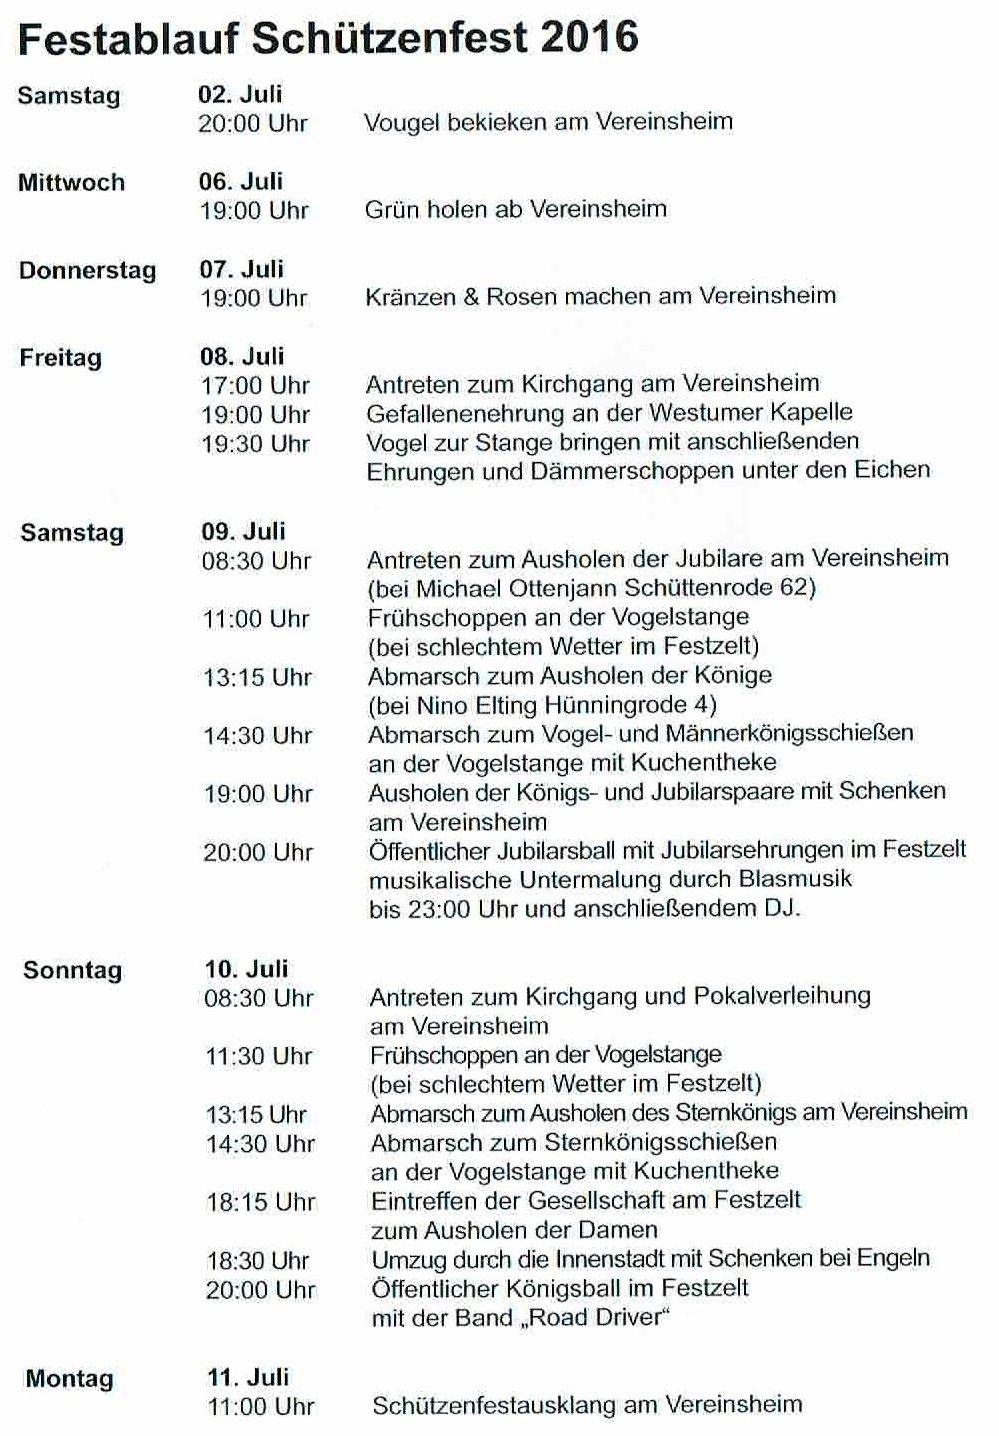 Festablauf_Schuetzenfest_2016